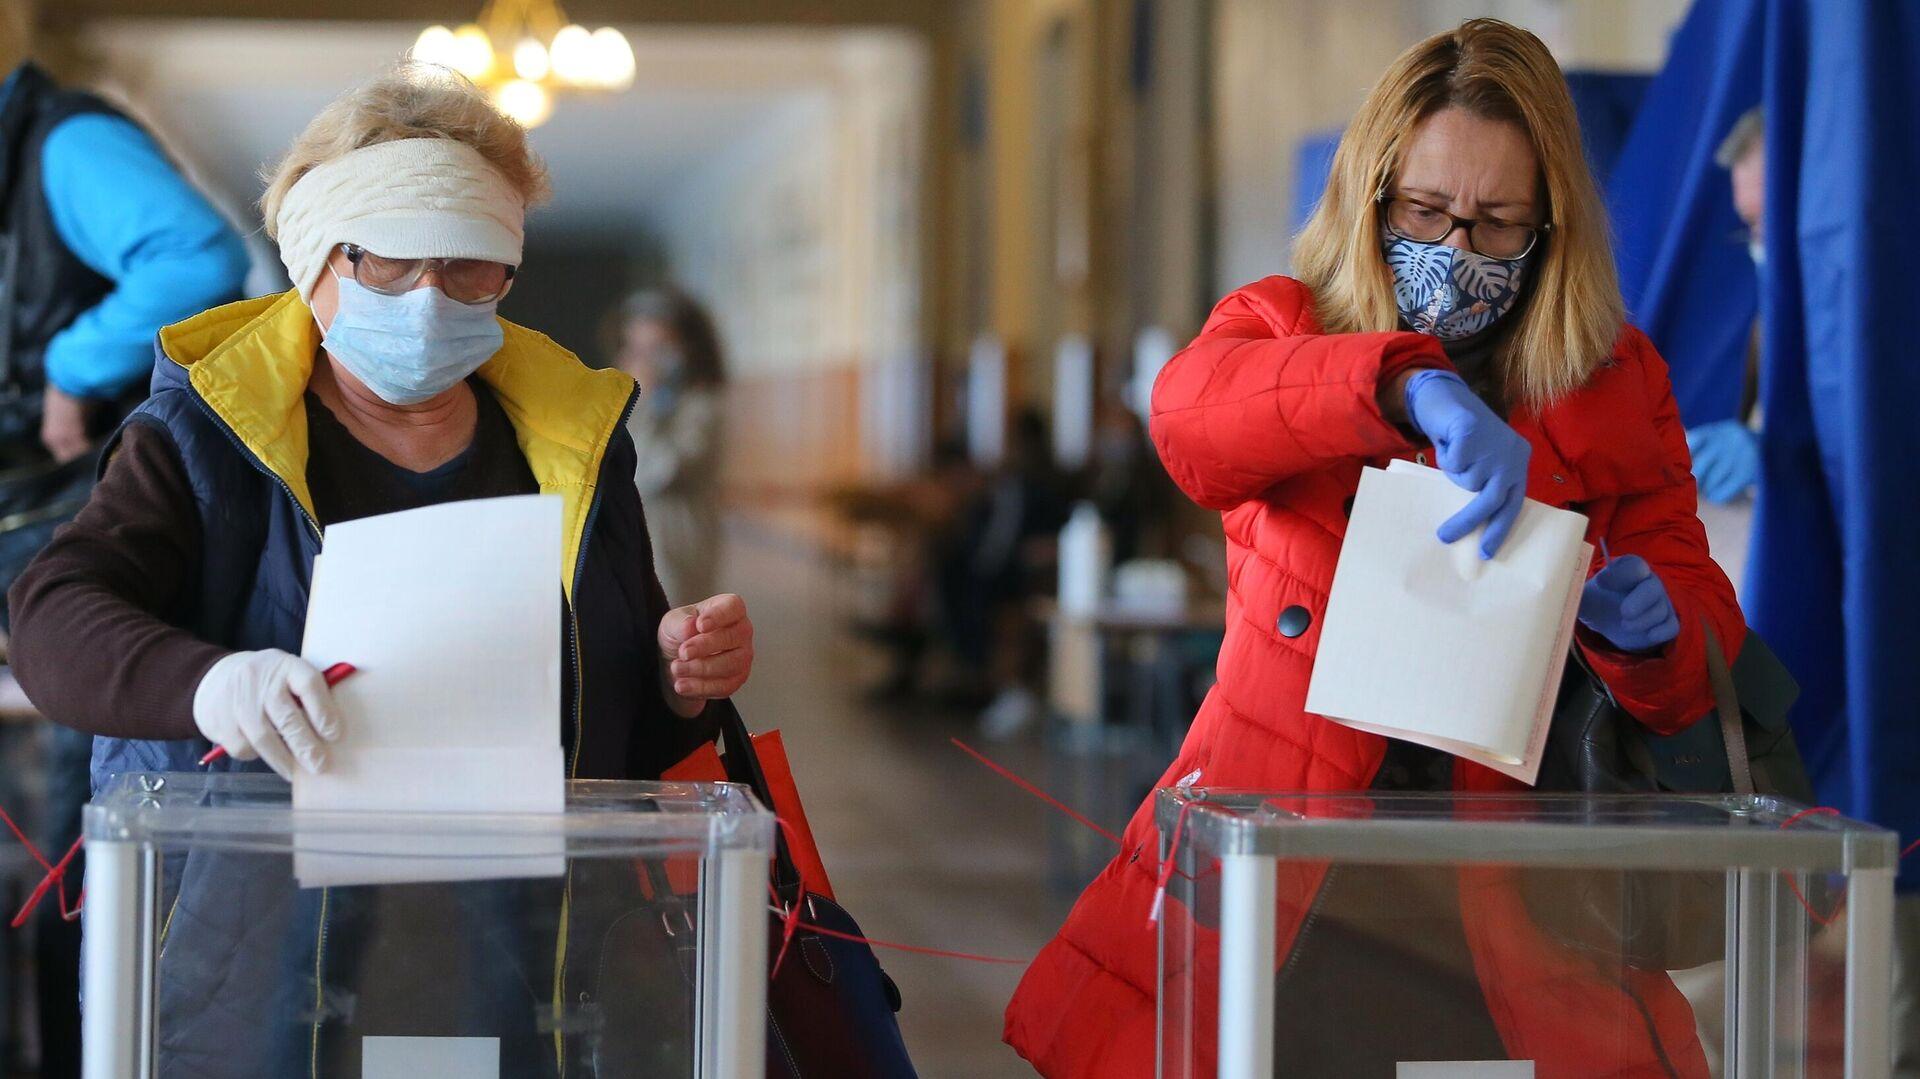 Женщины голосуют на одном из избирательных участков в Киеве - РИА Новости, 1920, 26.10.2020